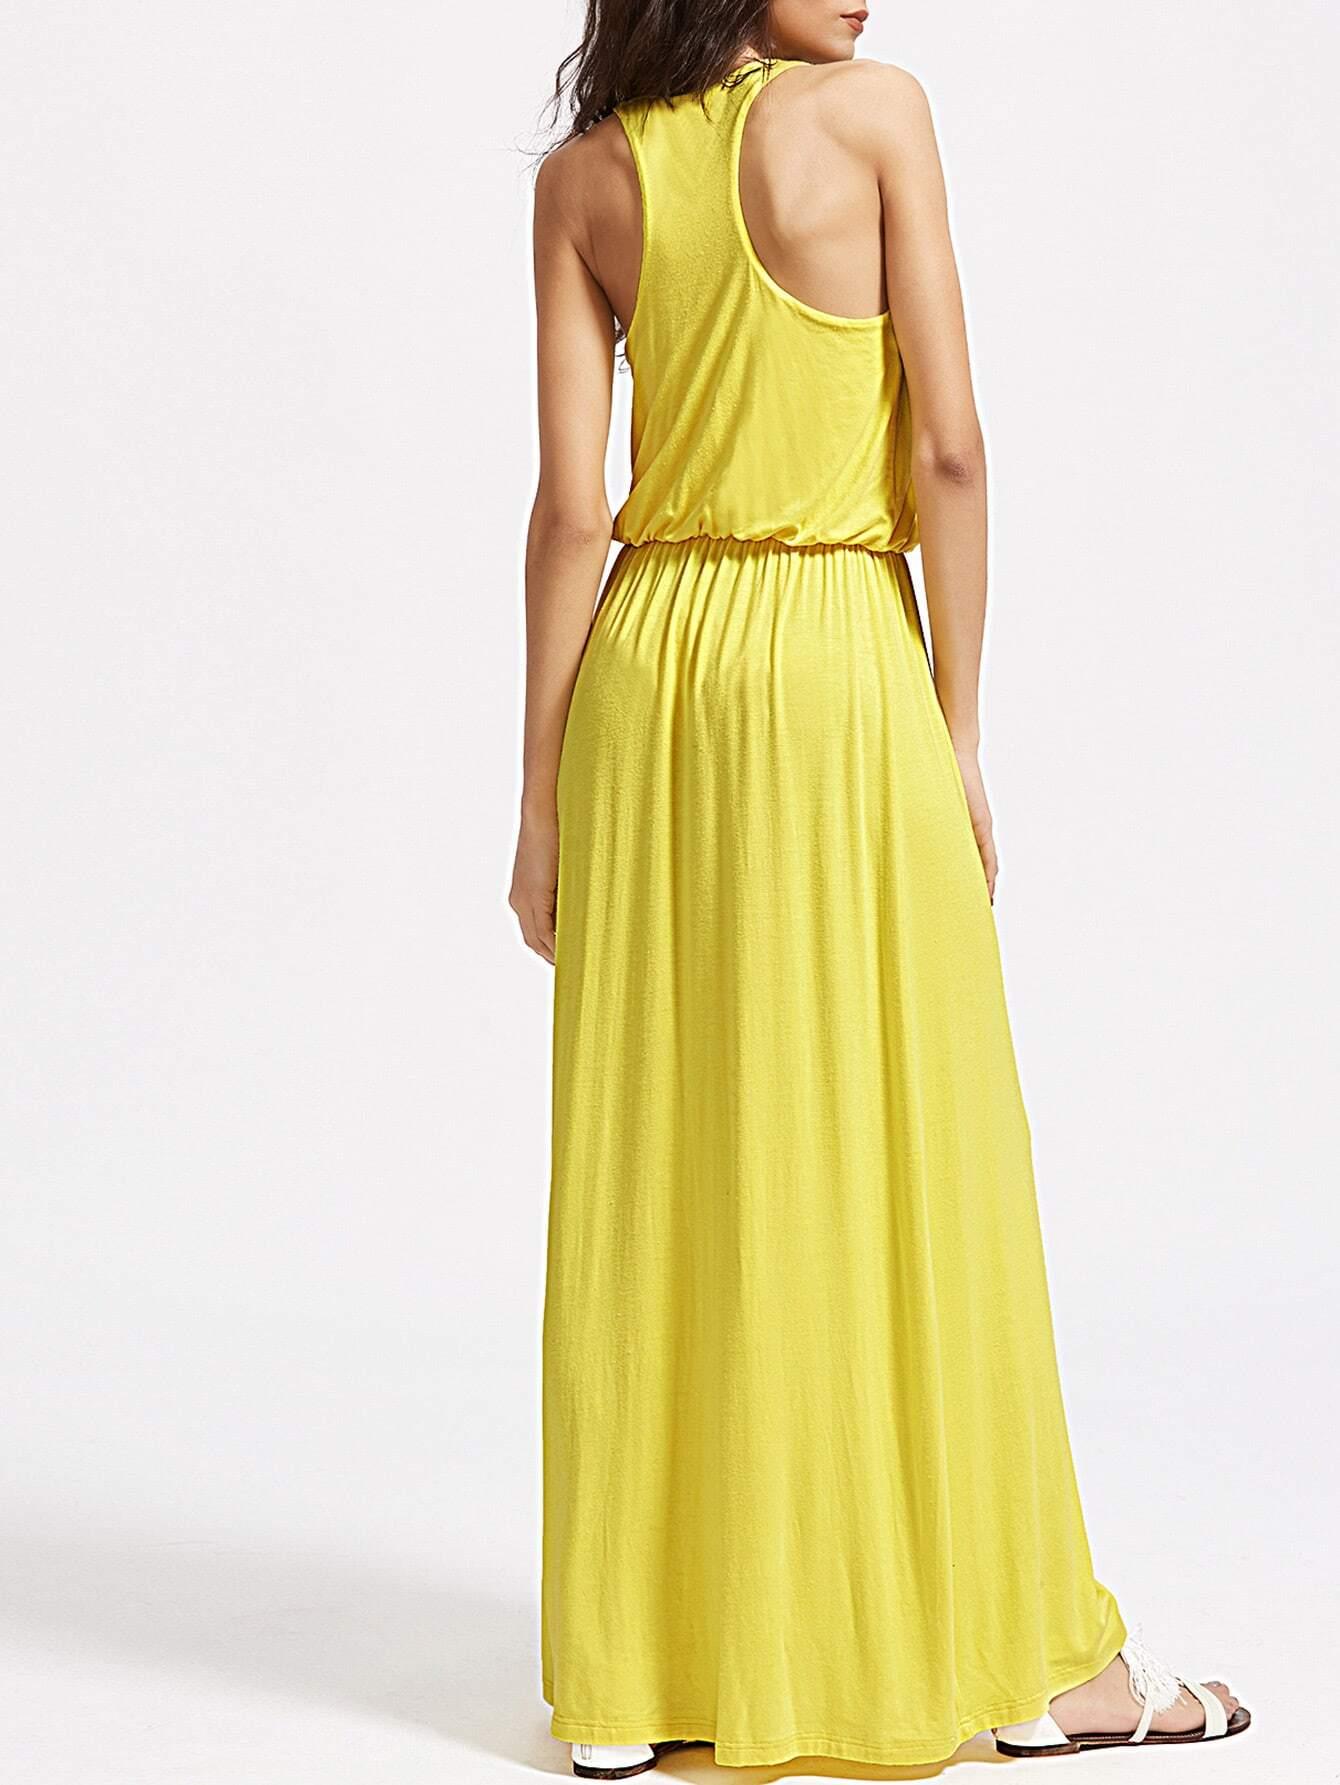 dress170302705_2